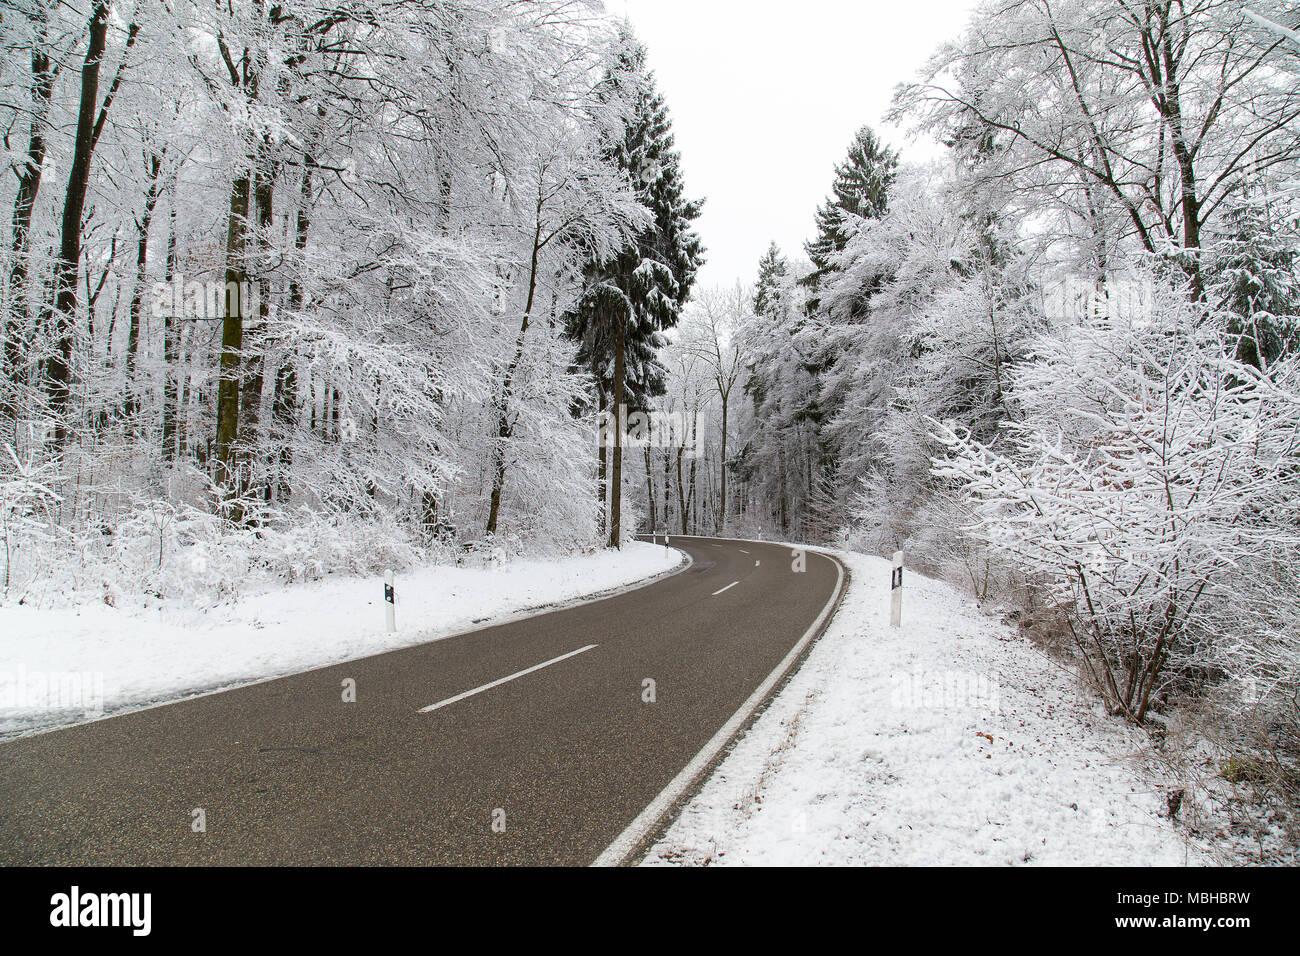 Paisaje invernal escena, árboles cubiertos de nieve, hielo, carreteras heladas paisaje. Foto de stock